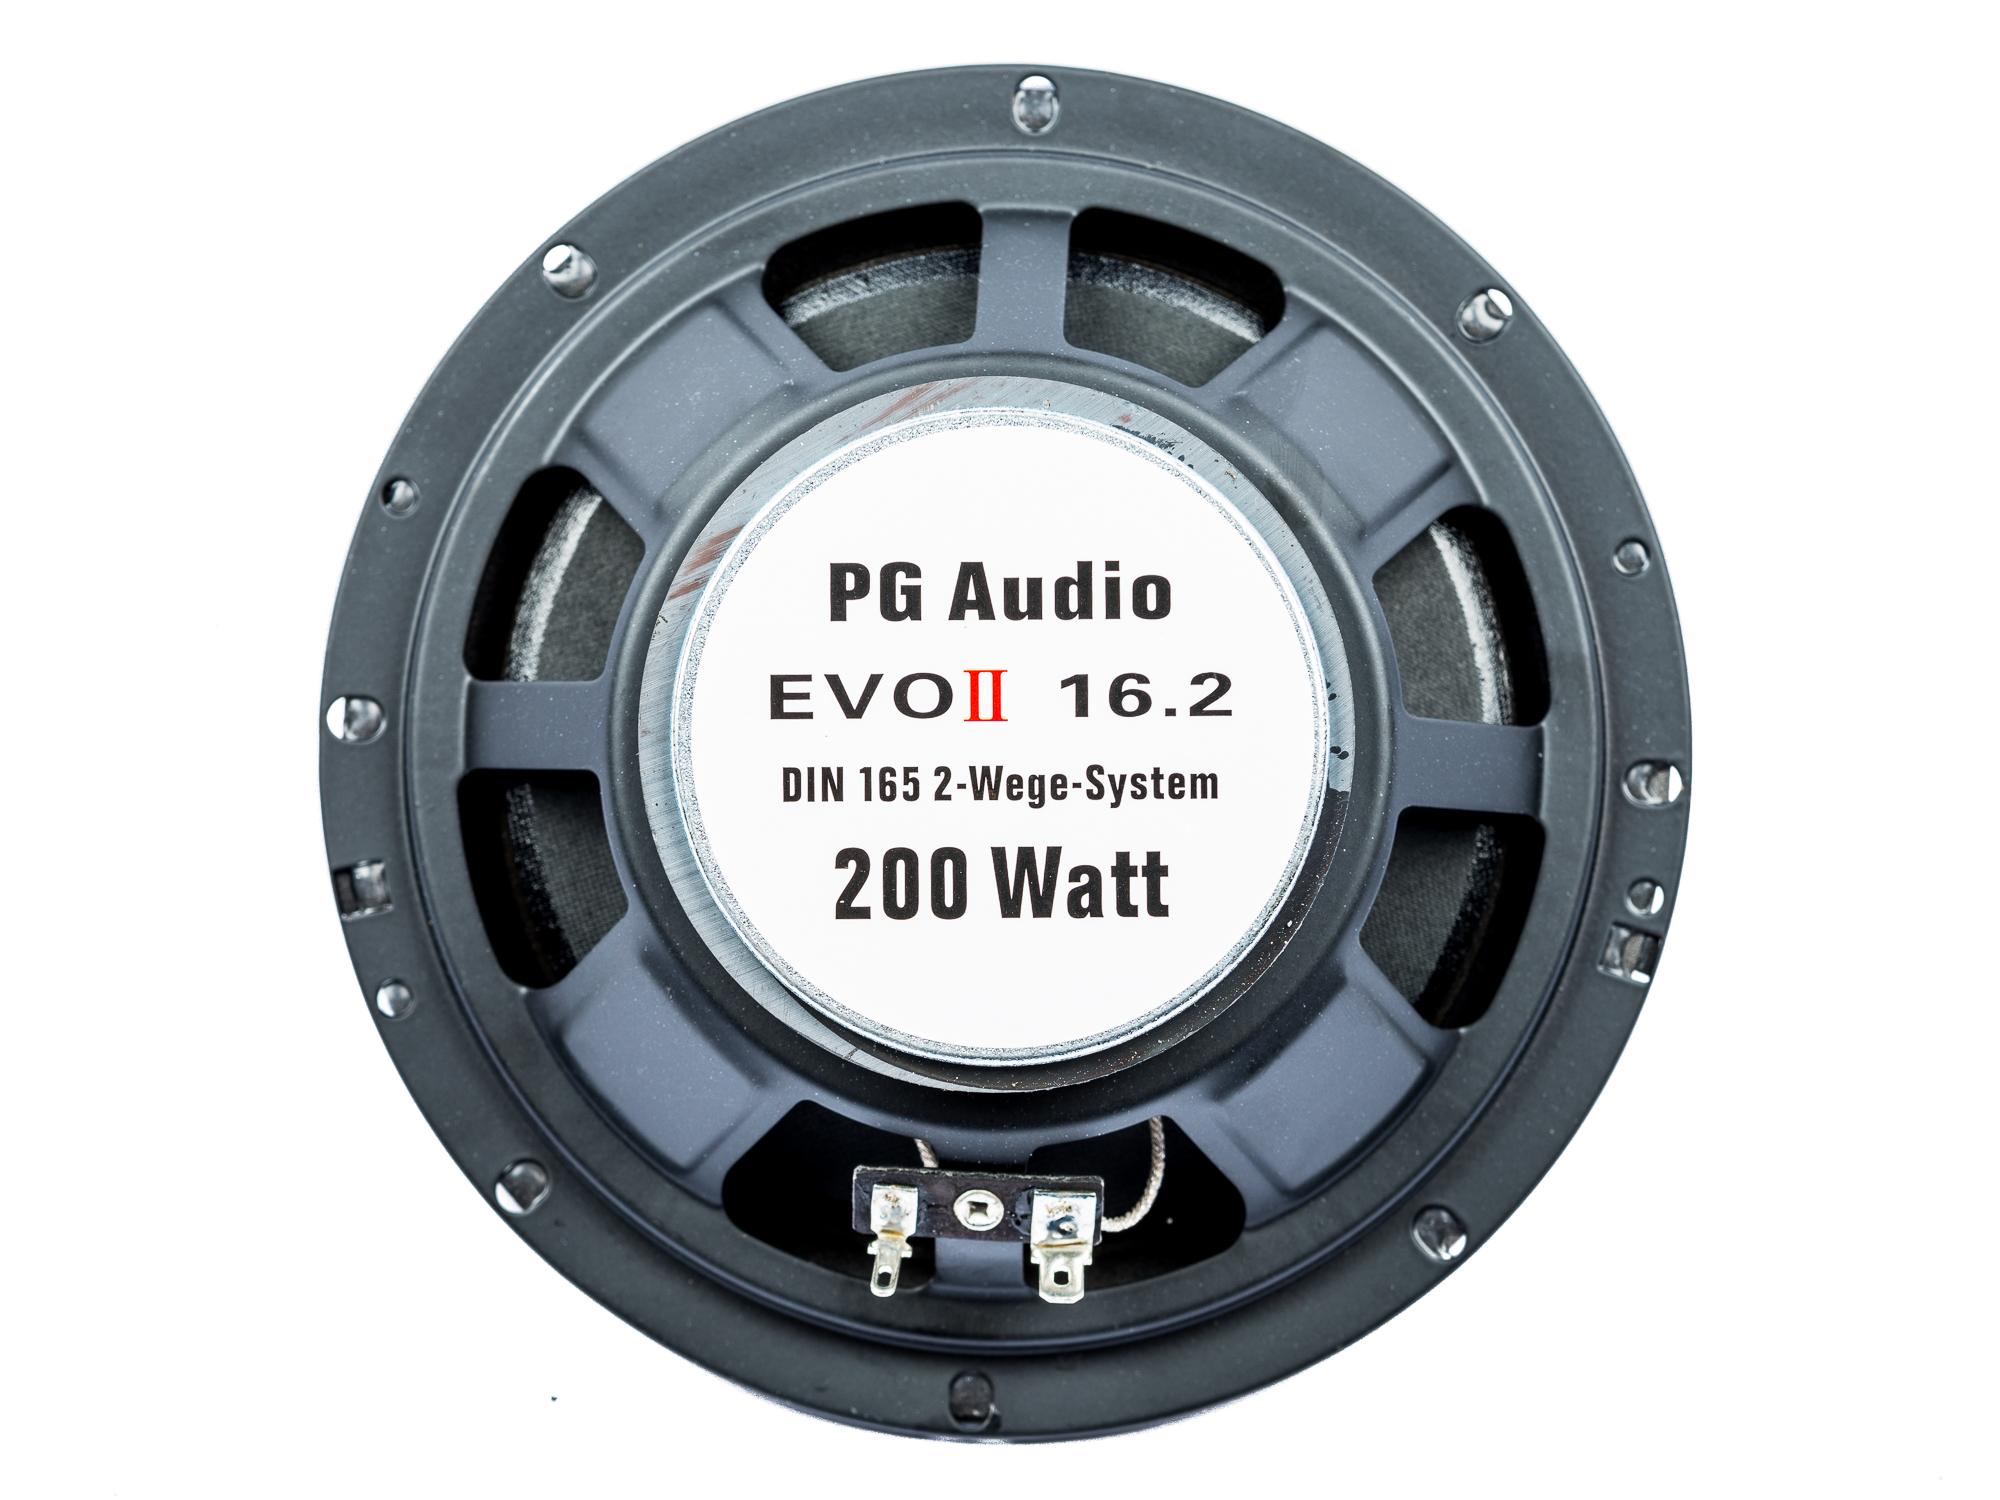 VW Golf 4 und Golf 6 Lautsprecher Einbauset Tür vorne und hinten PG Audio – Bild 2